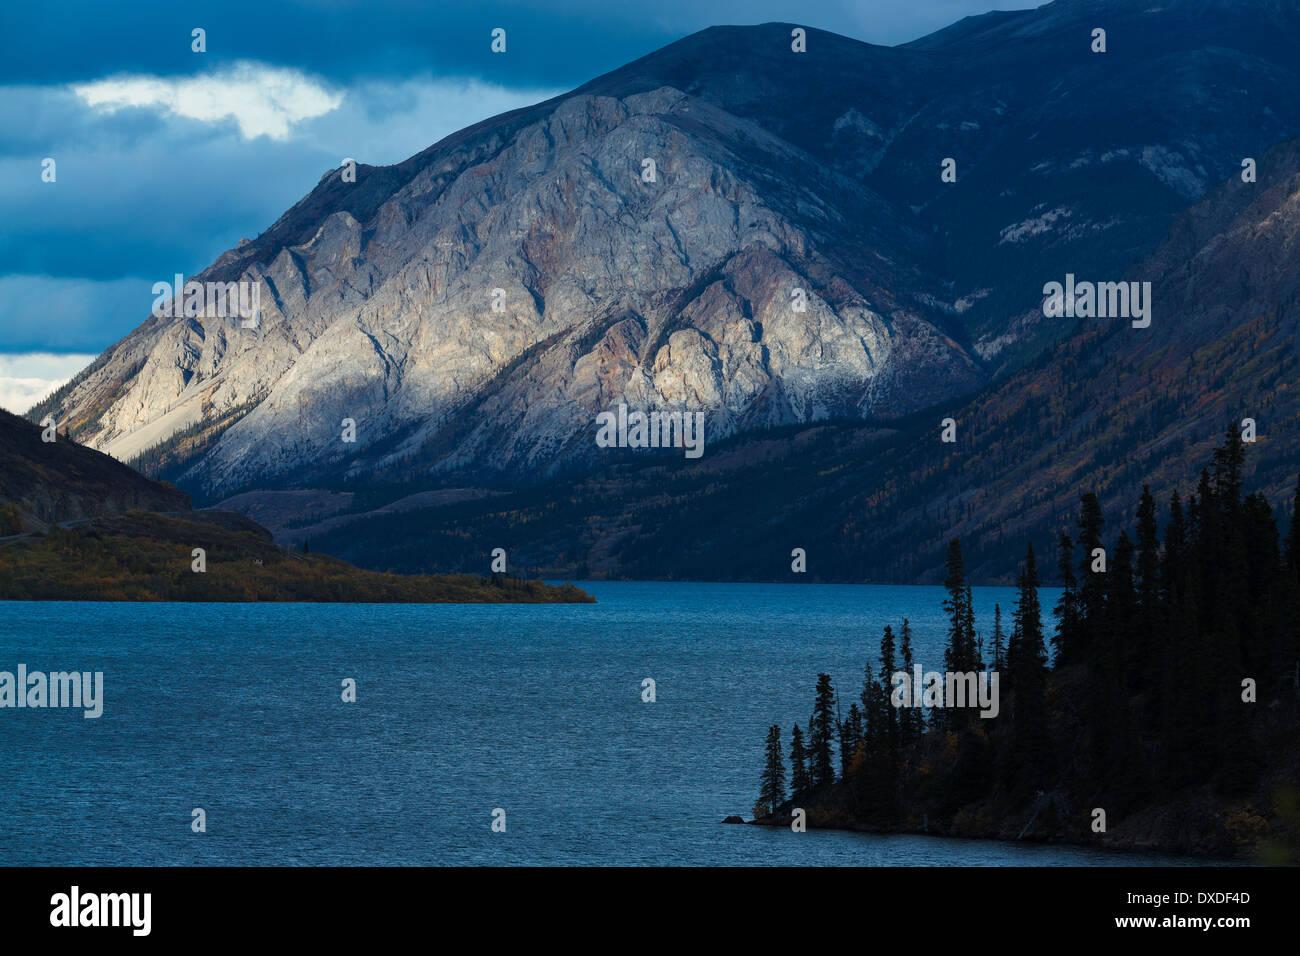 La montagne de l'escarpement dans le lac Tagish à Carcross, au Yukon, Canada Photo Stock